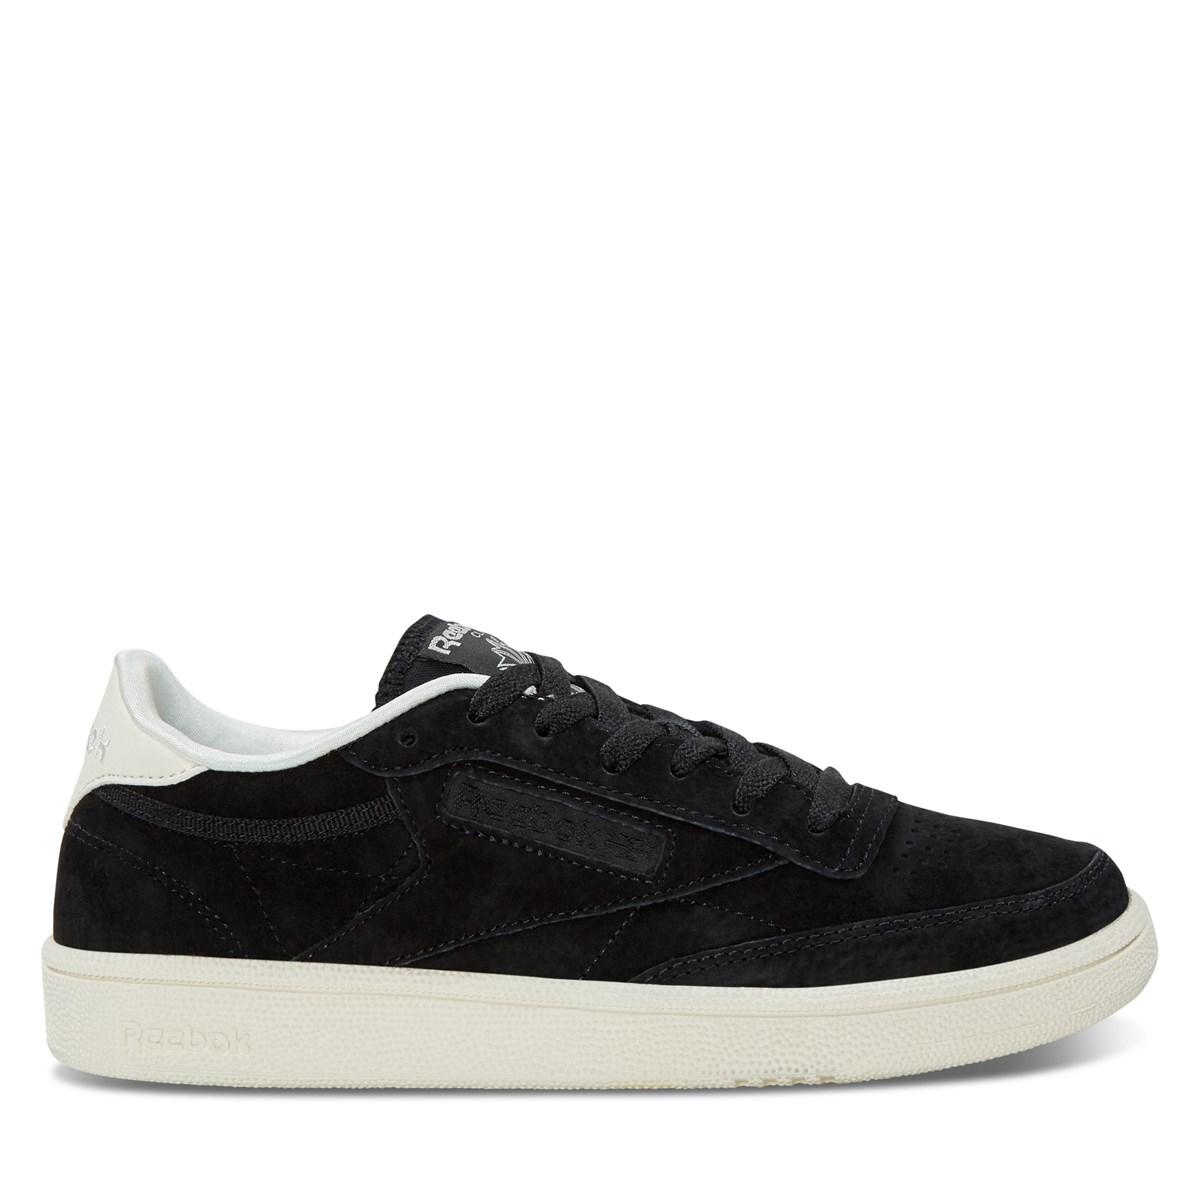 Women's Club C 85 Sneakers in Black